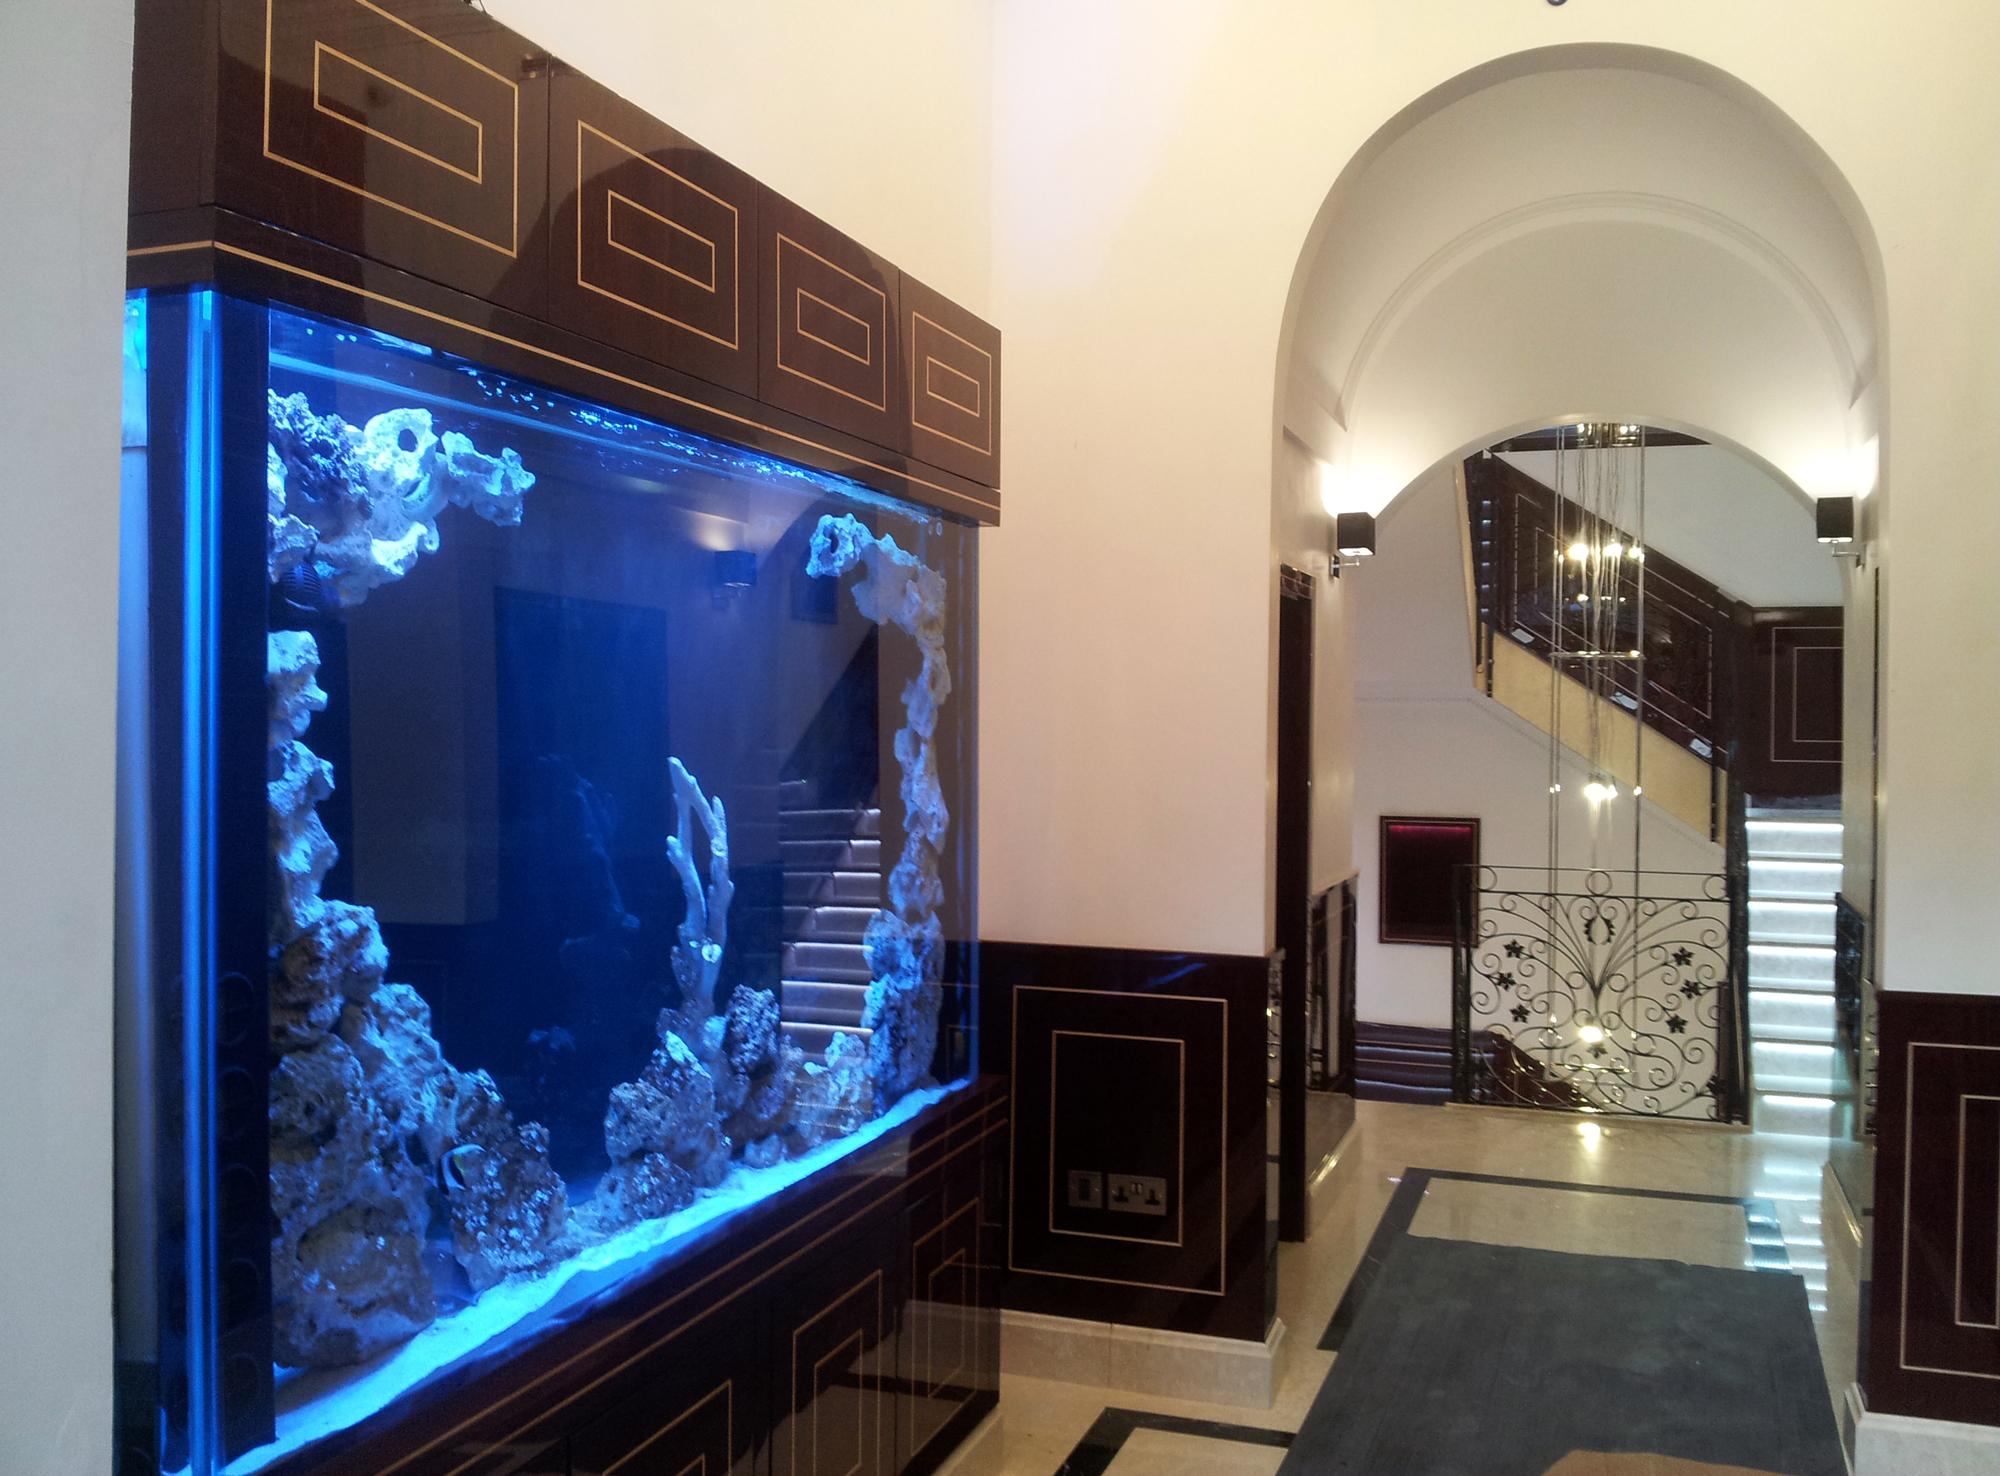 Show-Display-Aquarium